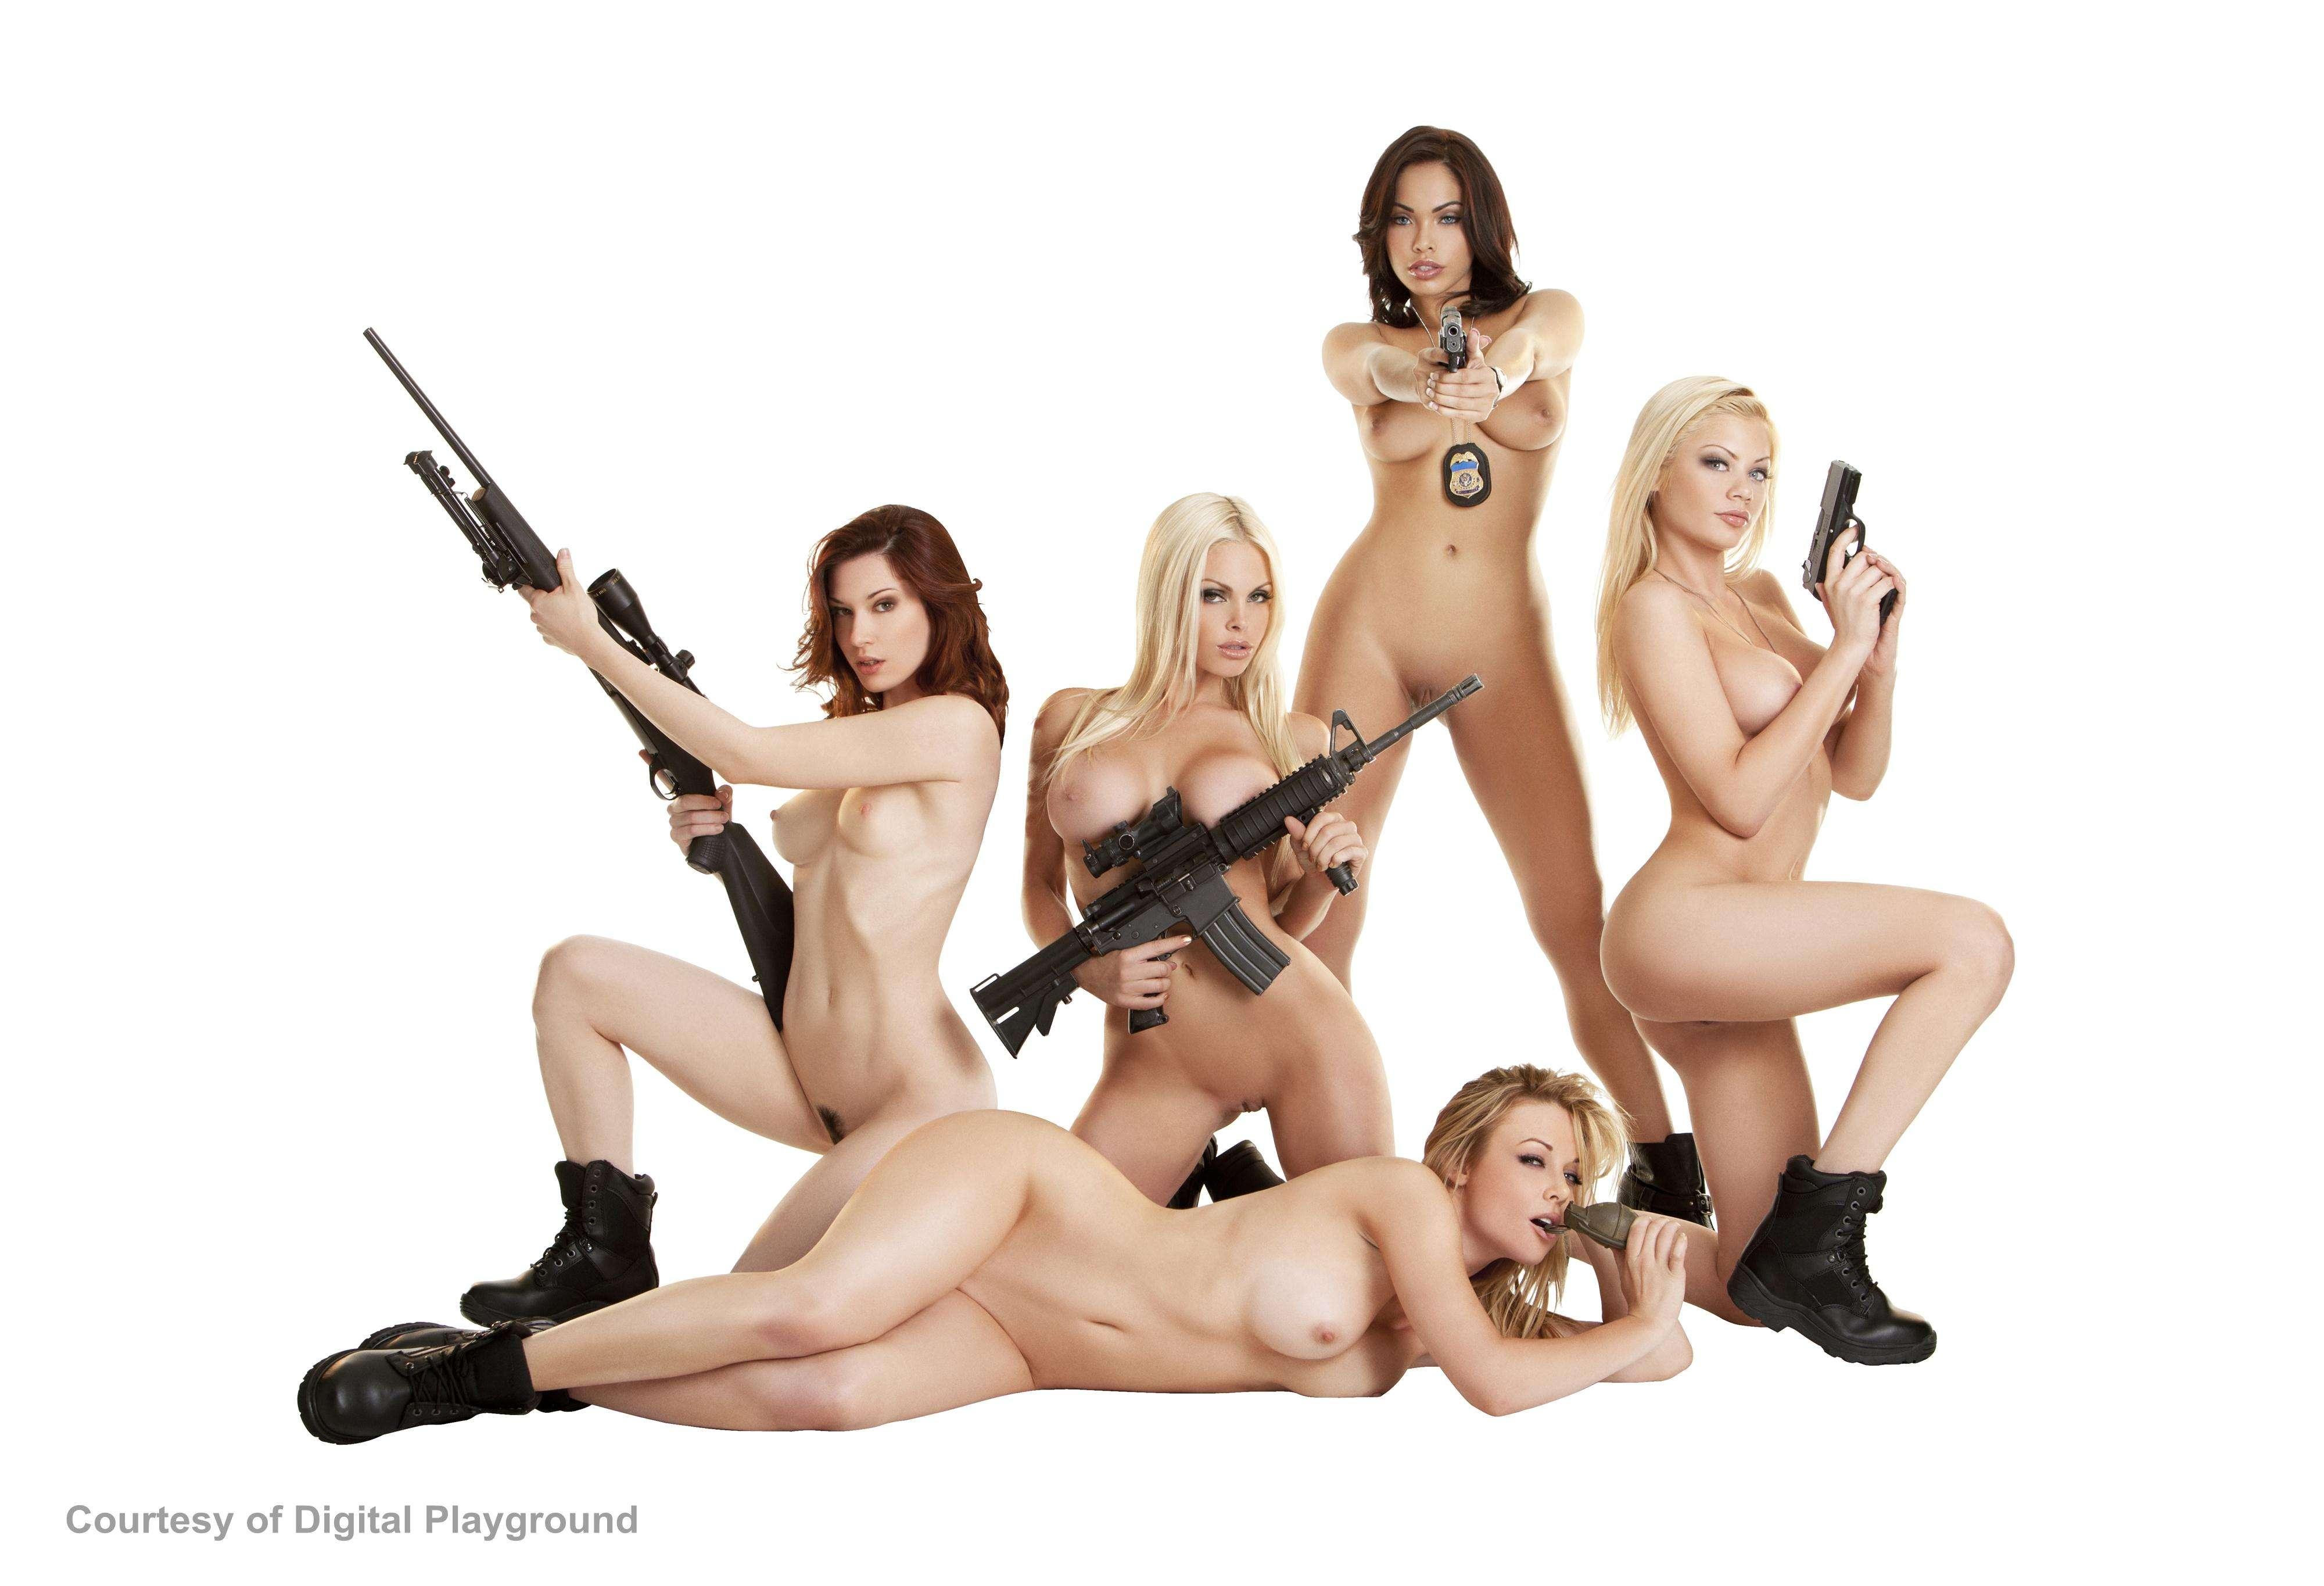 Helena mattsson cleavage guns, girls and gambling